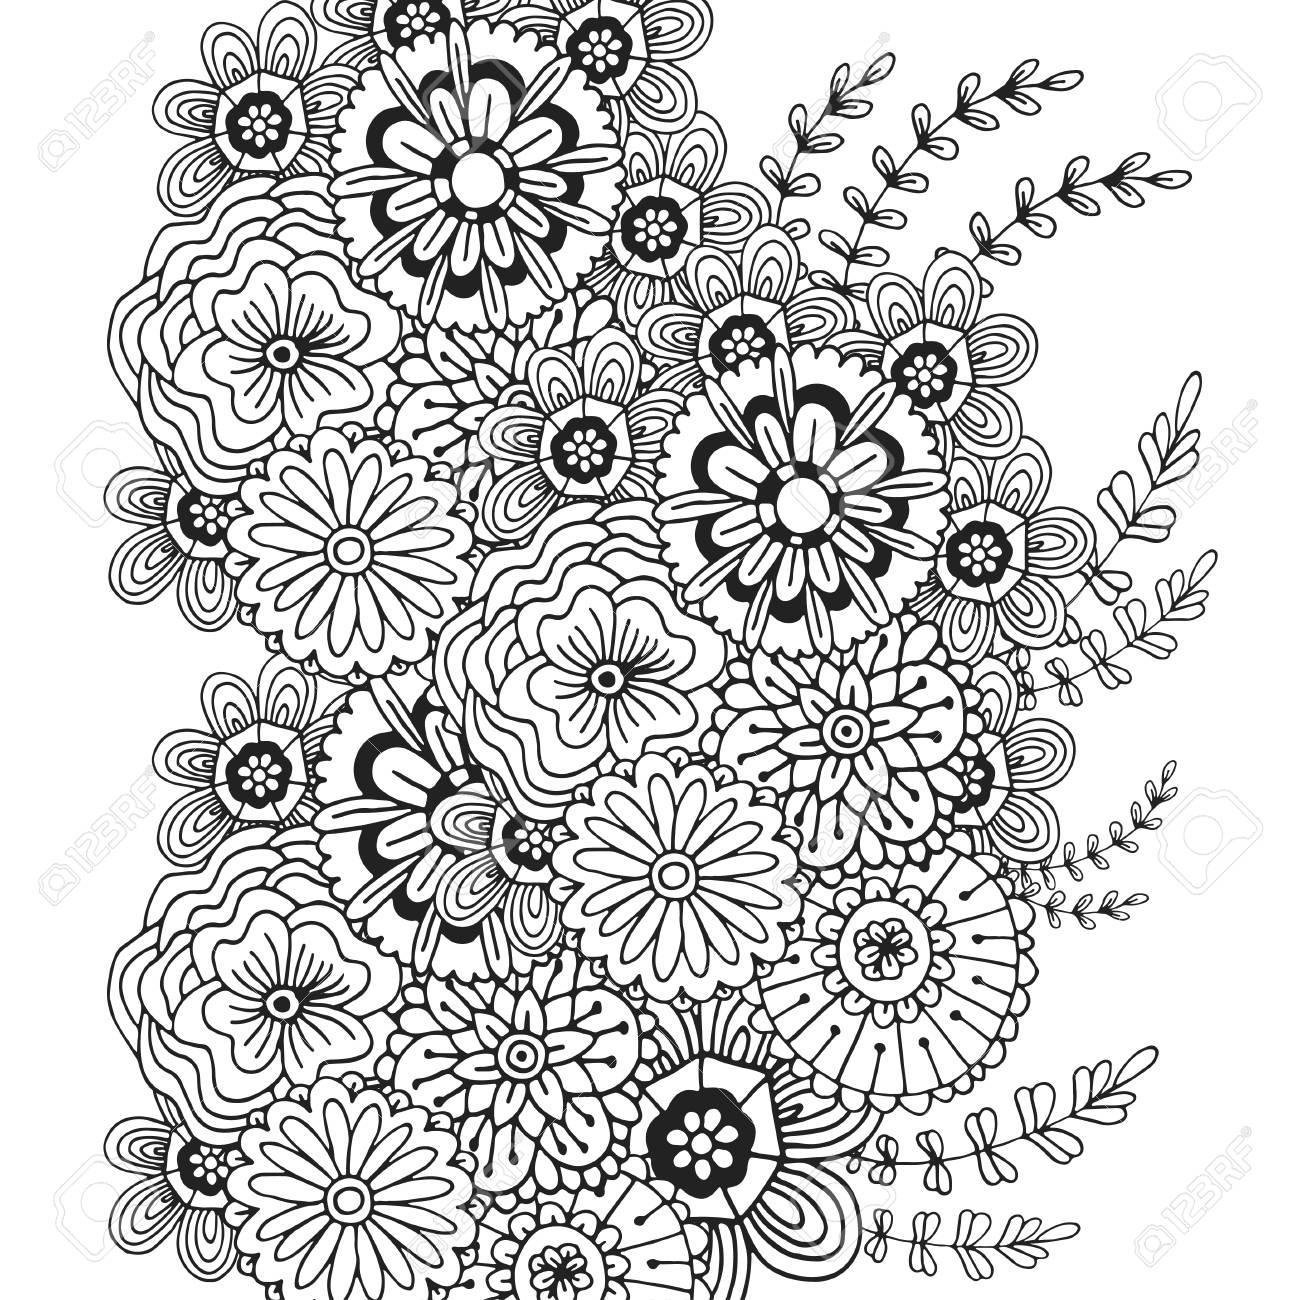 Patrón Con Adornos De Dibujo De Flores. Página Del Libro Para ...